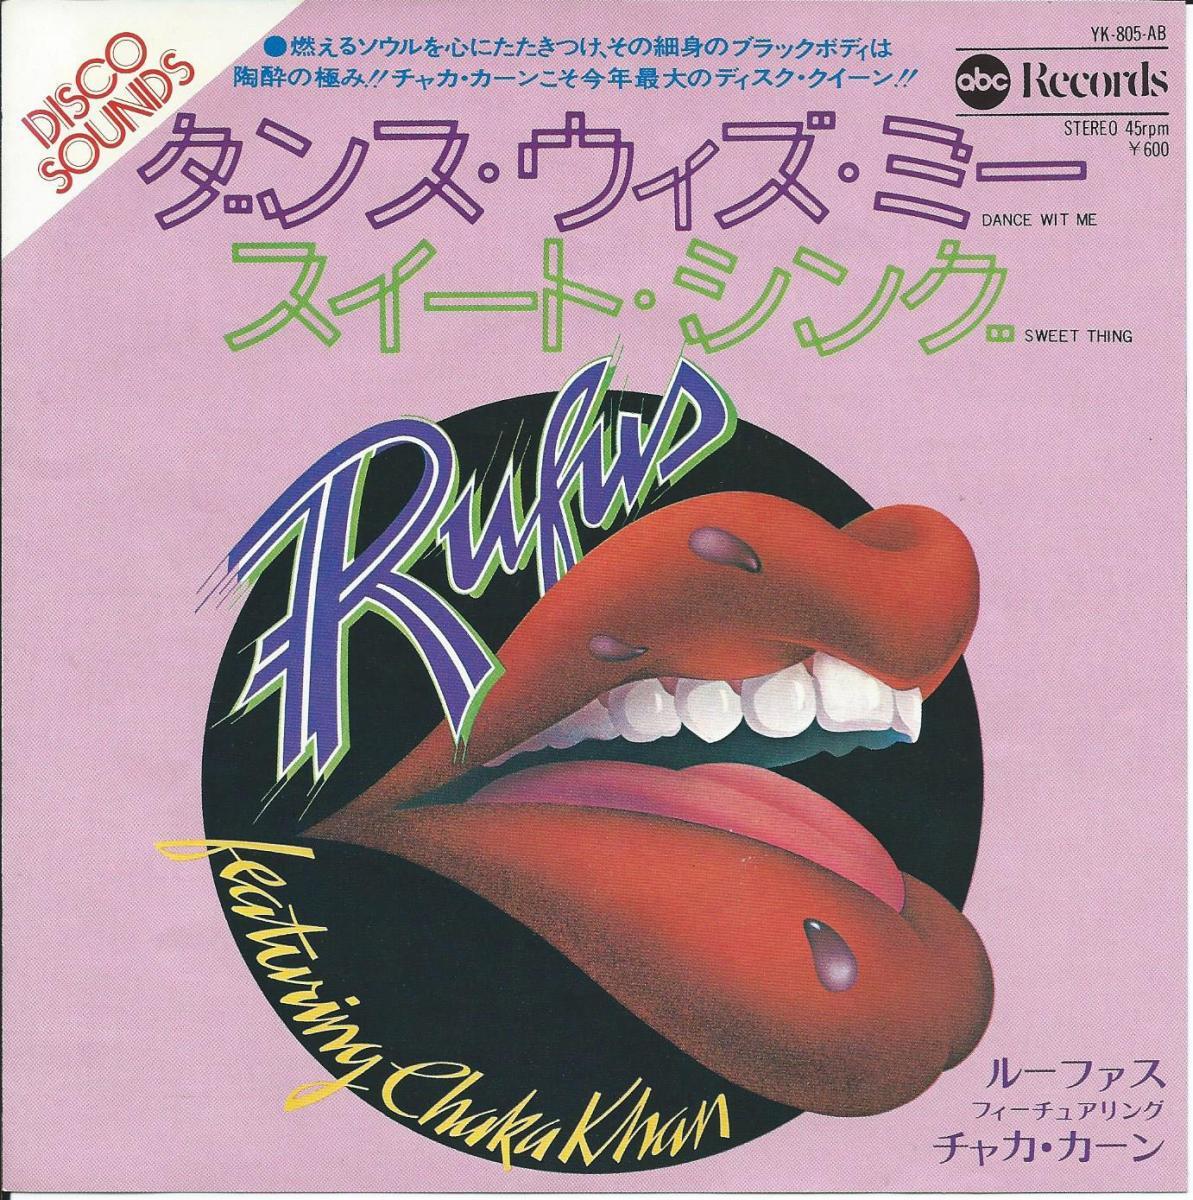 ルーファス・フィーチュアリング・チャカ・カーン RUFUS featuring CHAKA KHAN / ダンス・ウィズ・ミー DANCE WITH ME (7